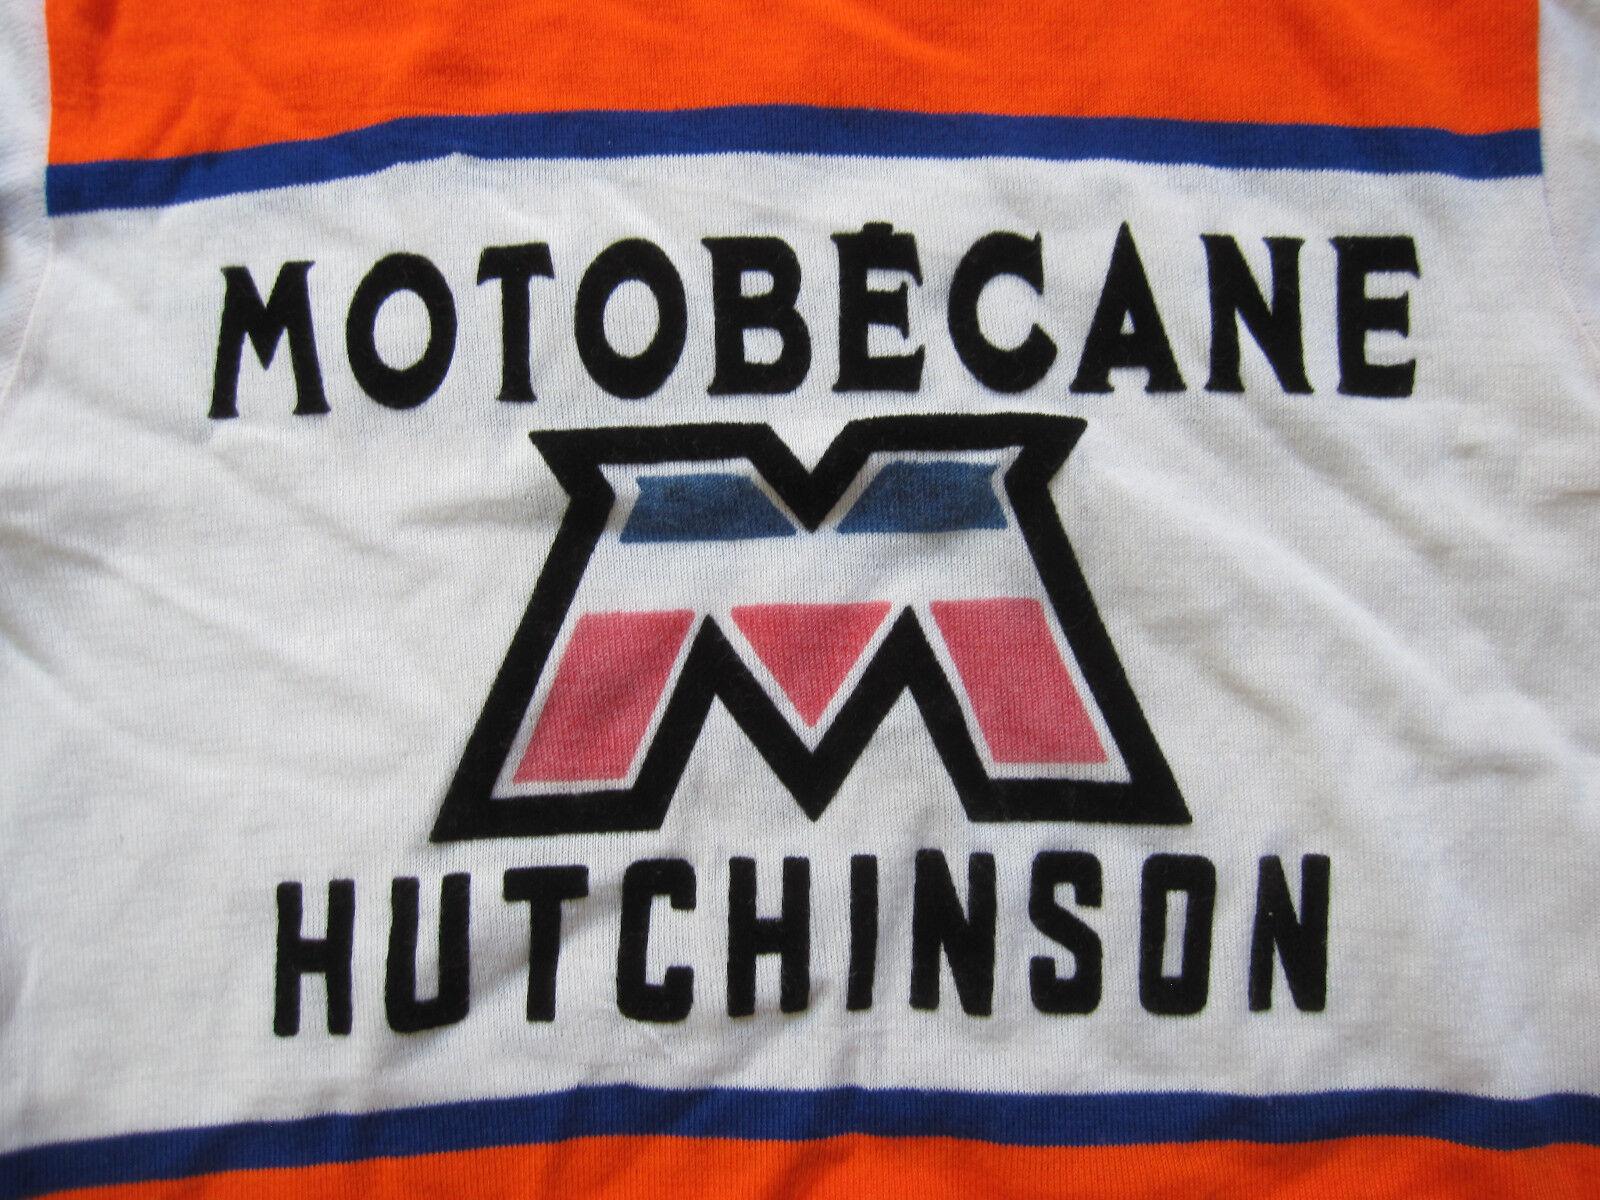 Maillot Cycliste Motobecane Acrylique Hutchinson vintage Cycles Acrylique Motobecane 70'S jersey - 3 d6a05c